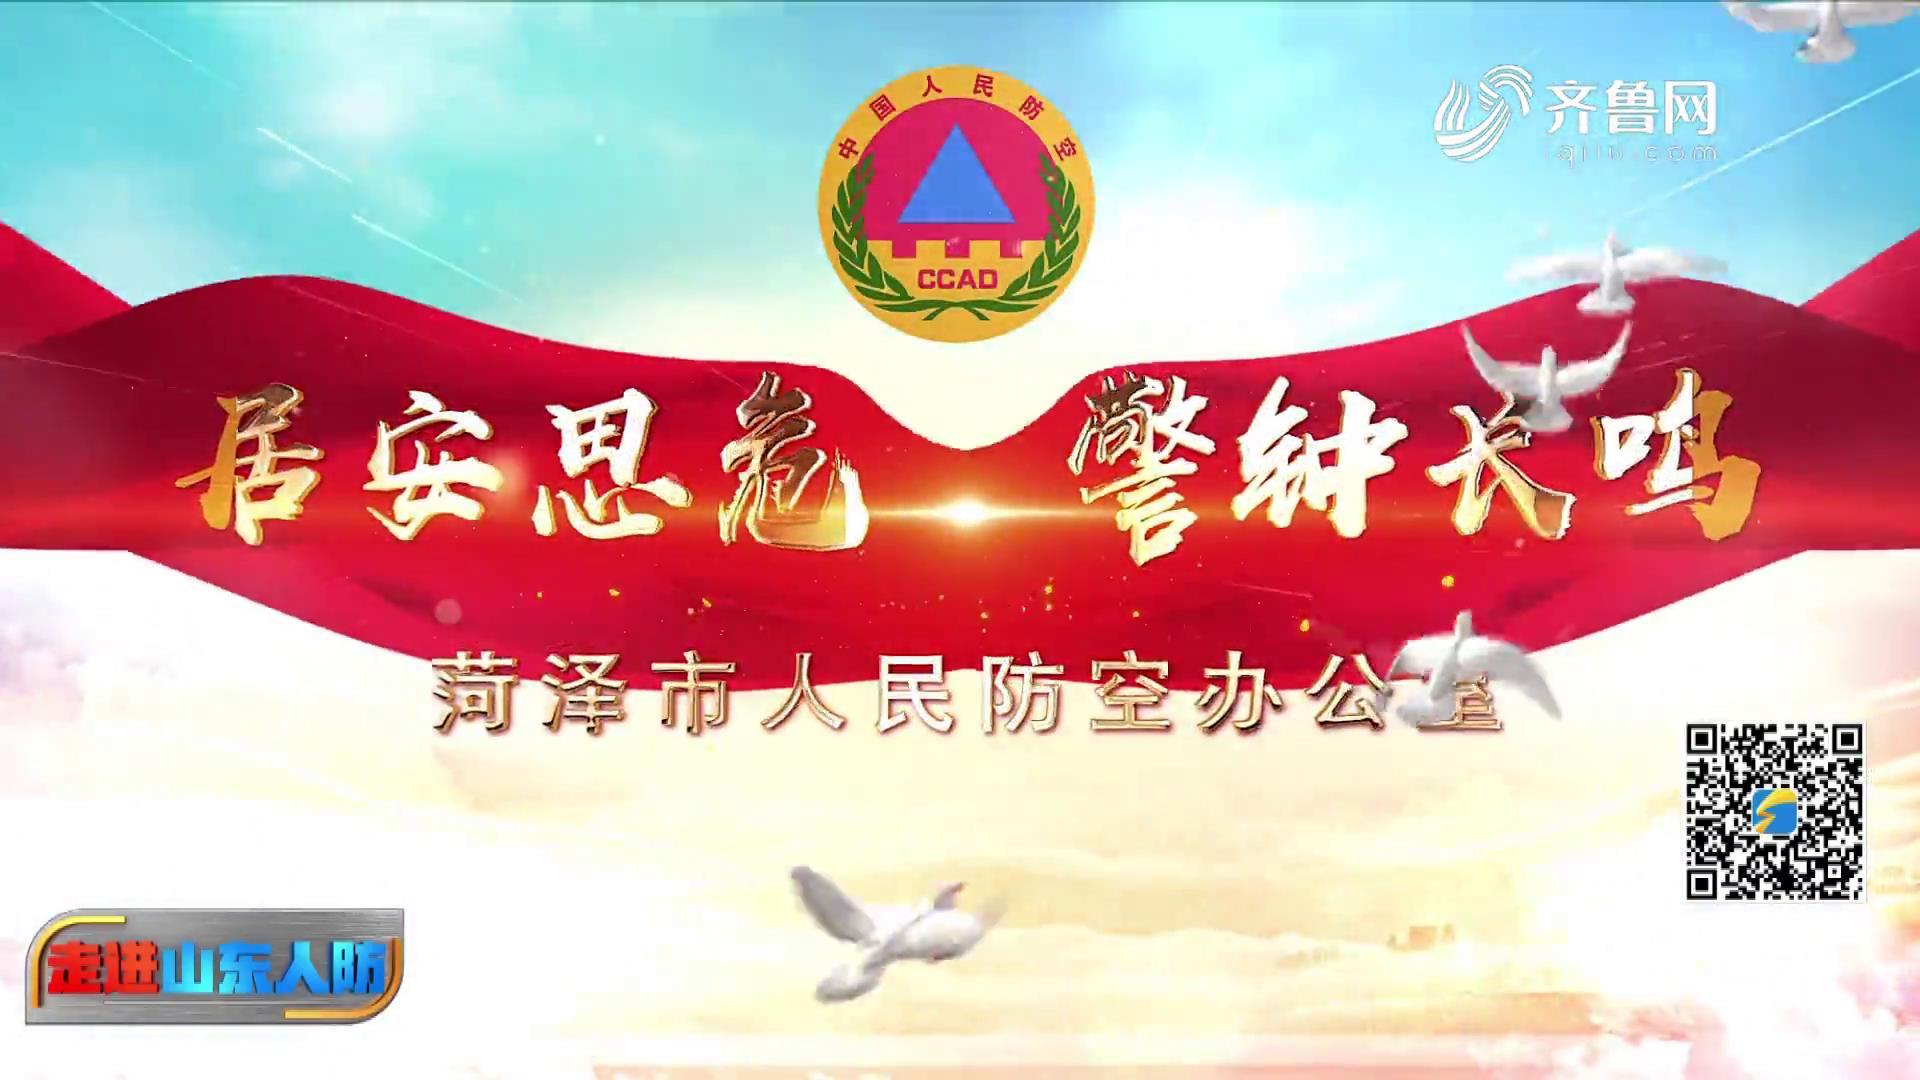 走进山东人防(菏泽)——公益广告